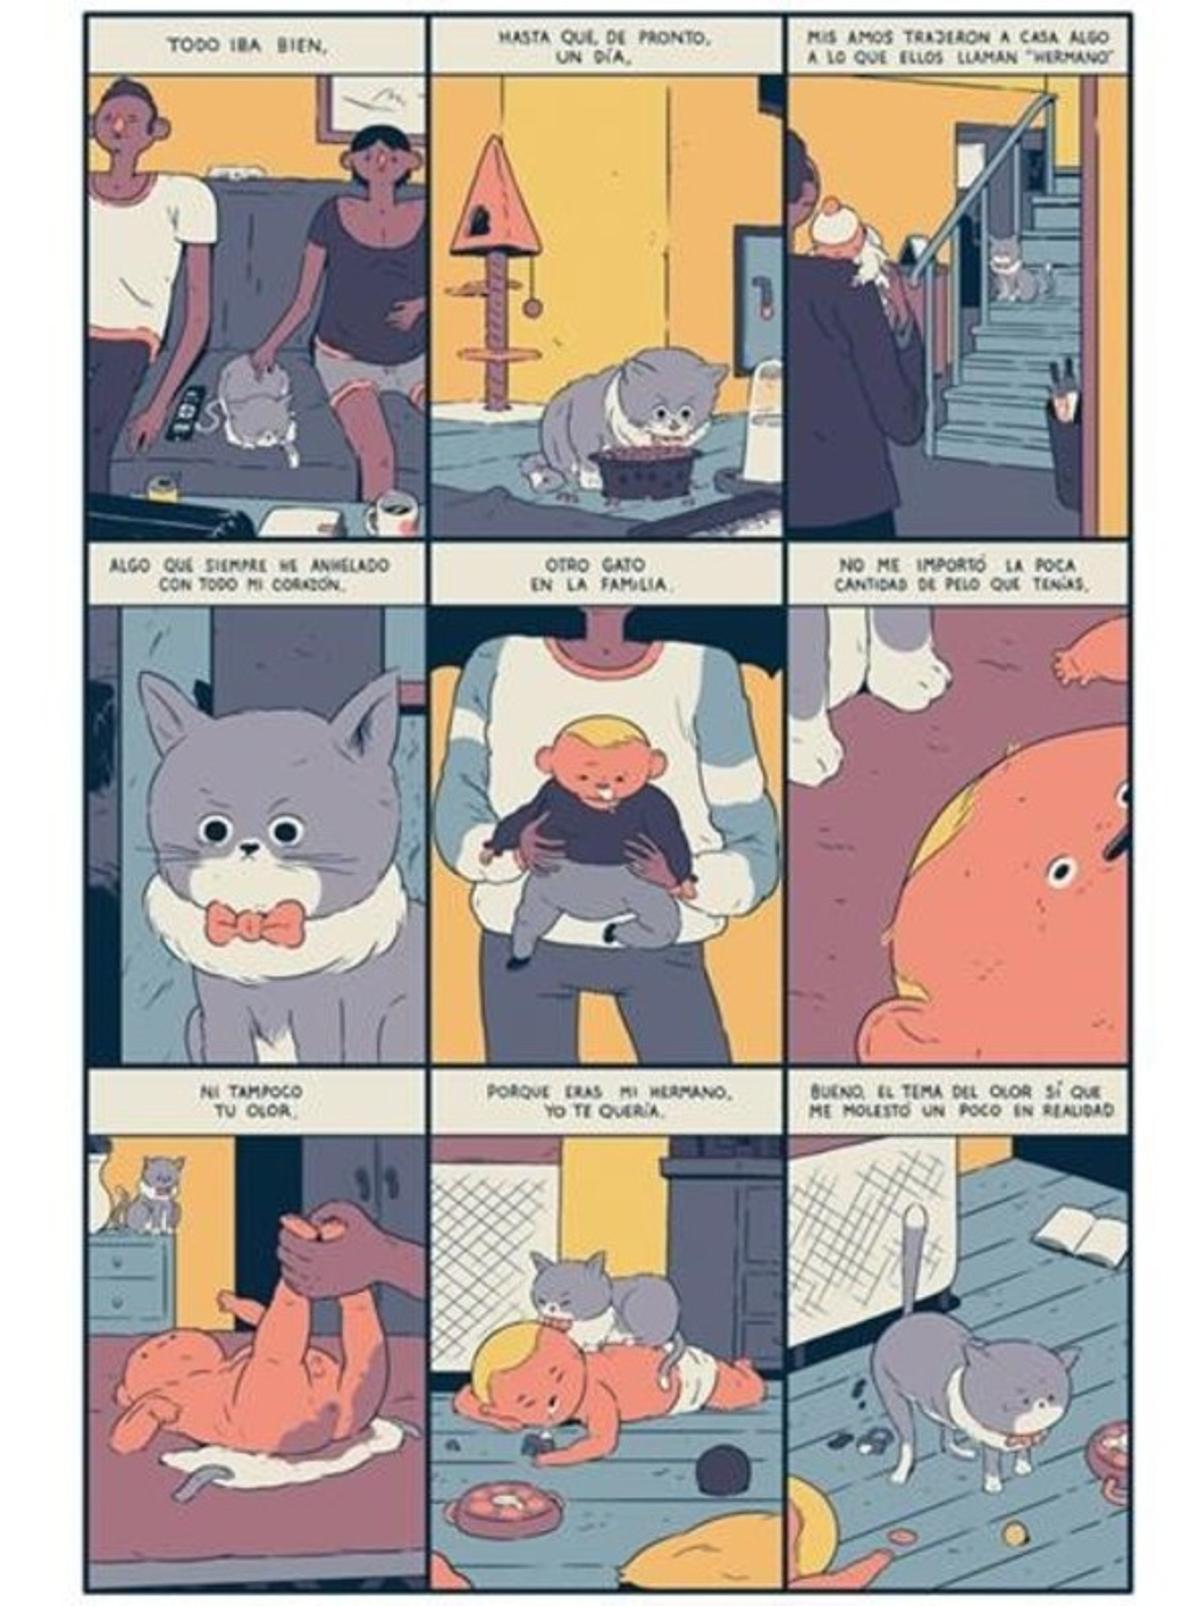 Páginade una historia corta de Kensausage (Cristian Robles), que forma parte dela nueva revista de cómic 'Voltio'.